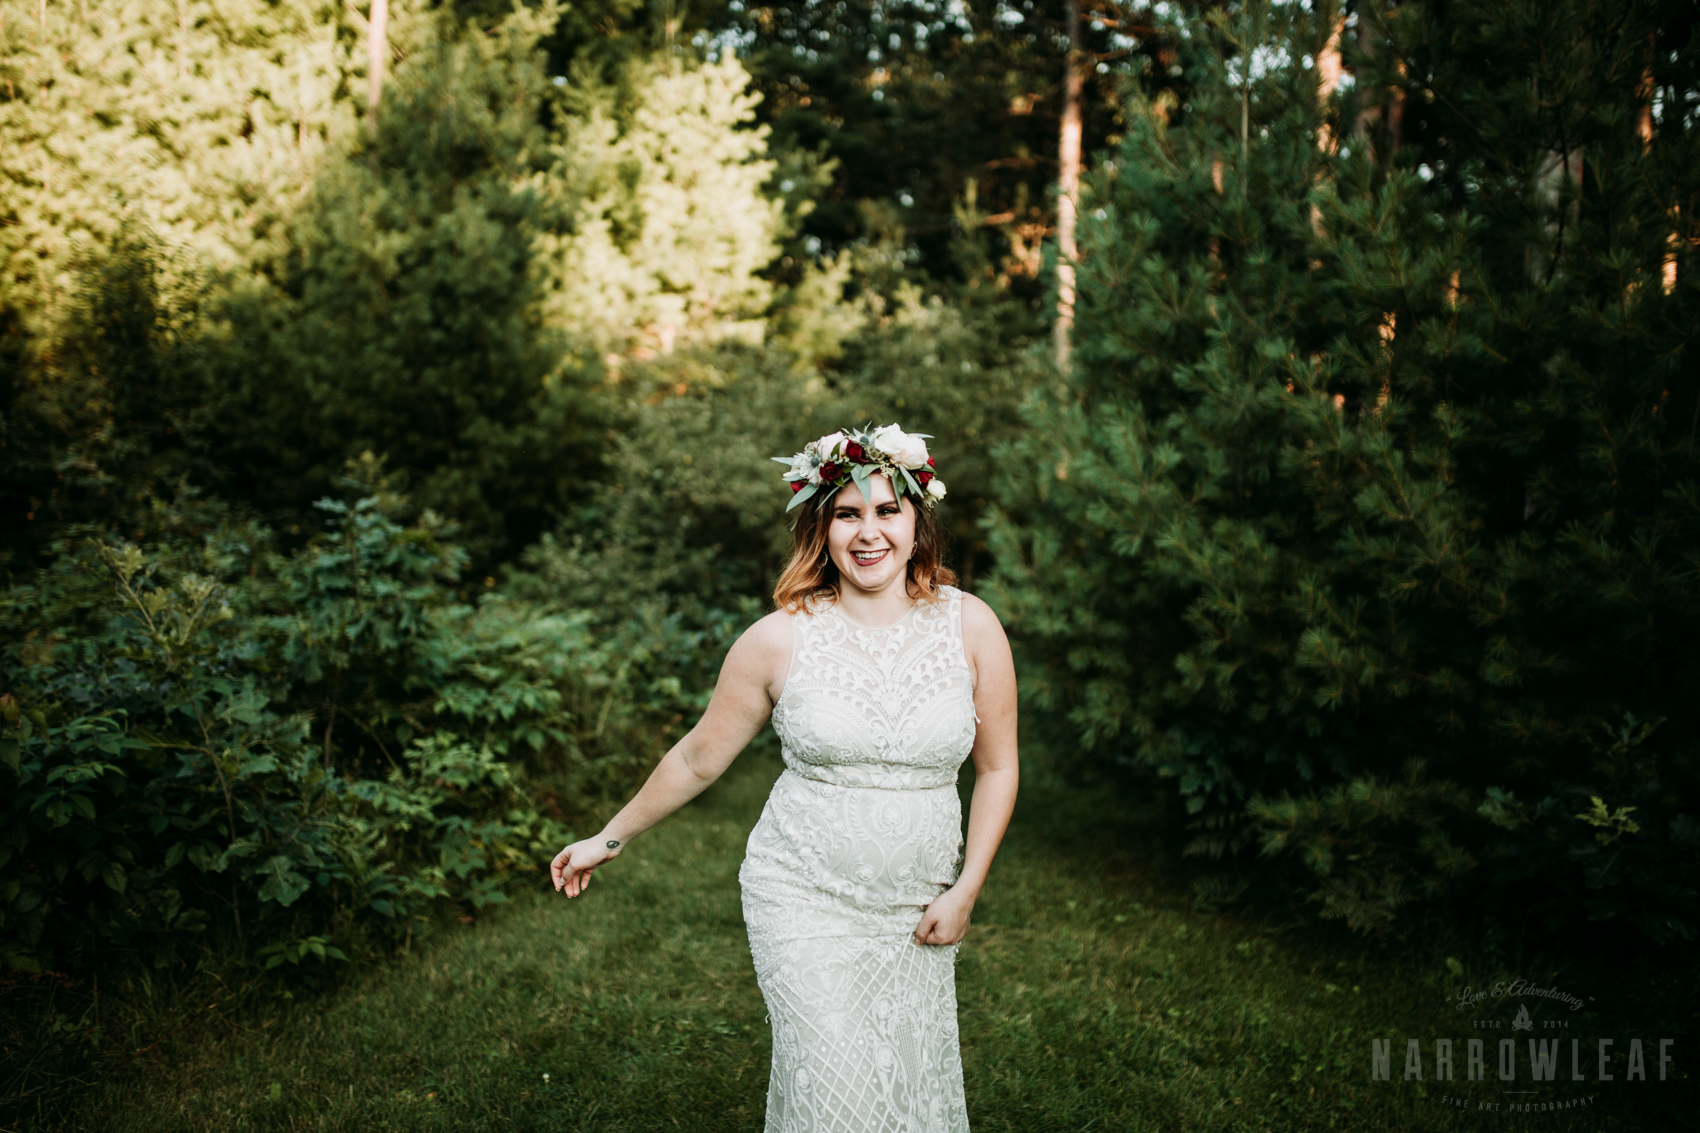 boho-woodsy-floral-crown-bride-groom-photo-wi-12.jpg